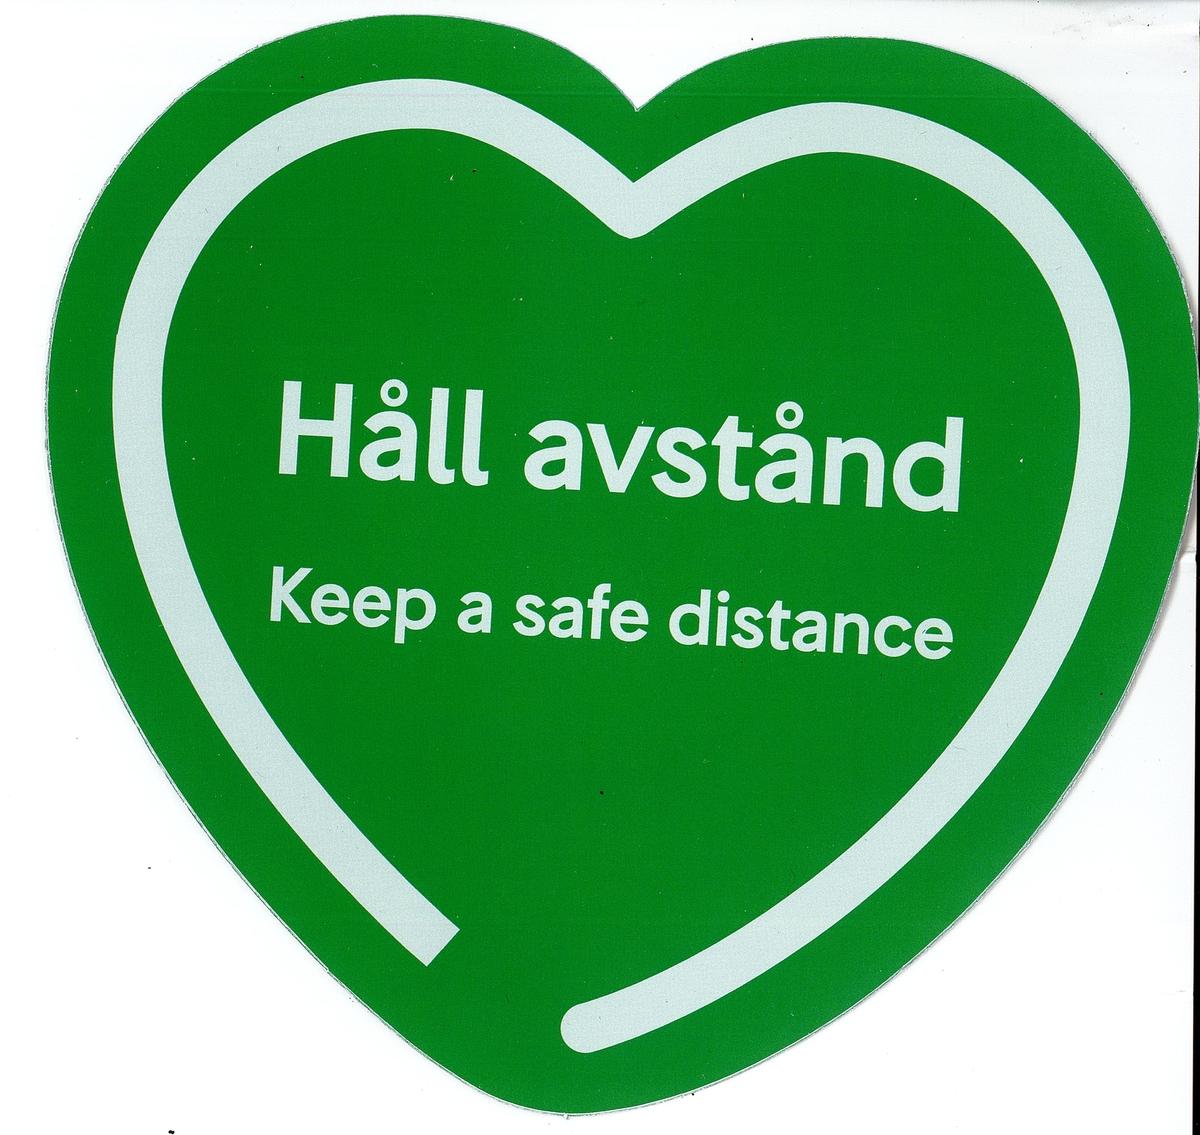 """Grön hjärtformad klisterdekal med texten """"Håll avstånd Keep a distance"""". Vit kant runt texten som följer hjärtats form men är öppen nedtill. Vit baksida."""